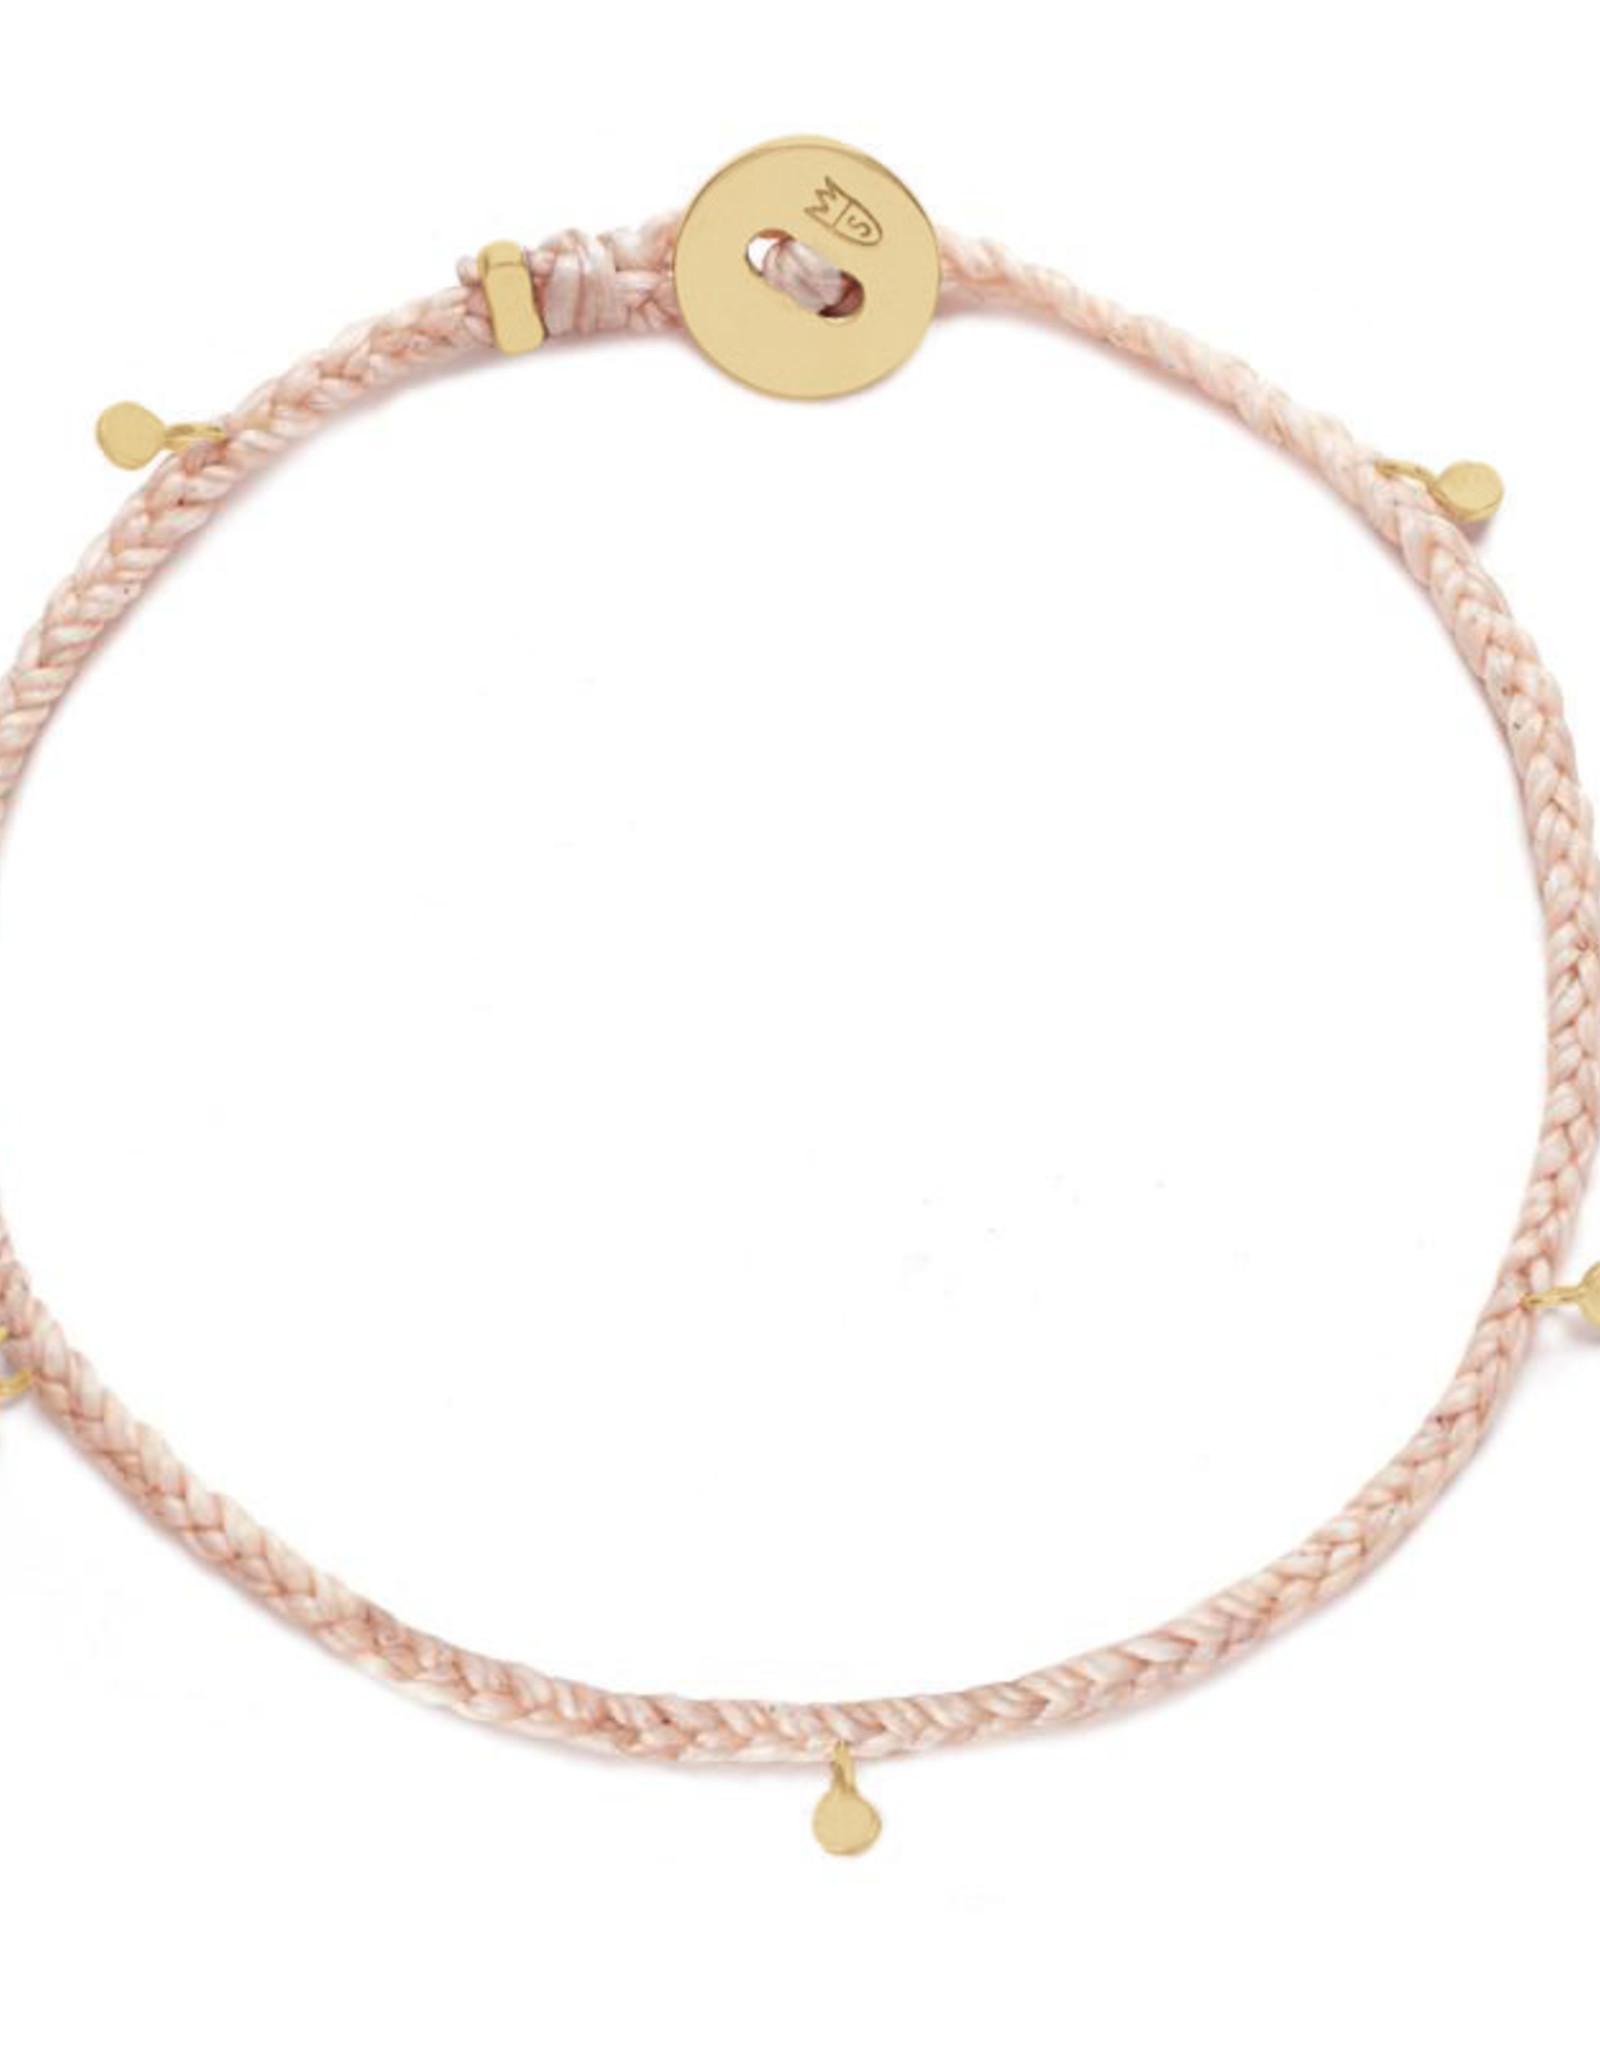 Scosha Fairy Bead Vermeil Bracelet - Ballet